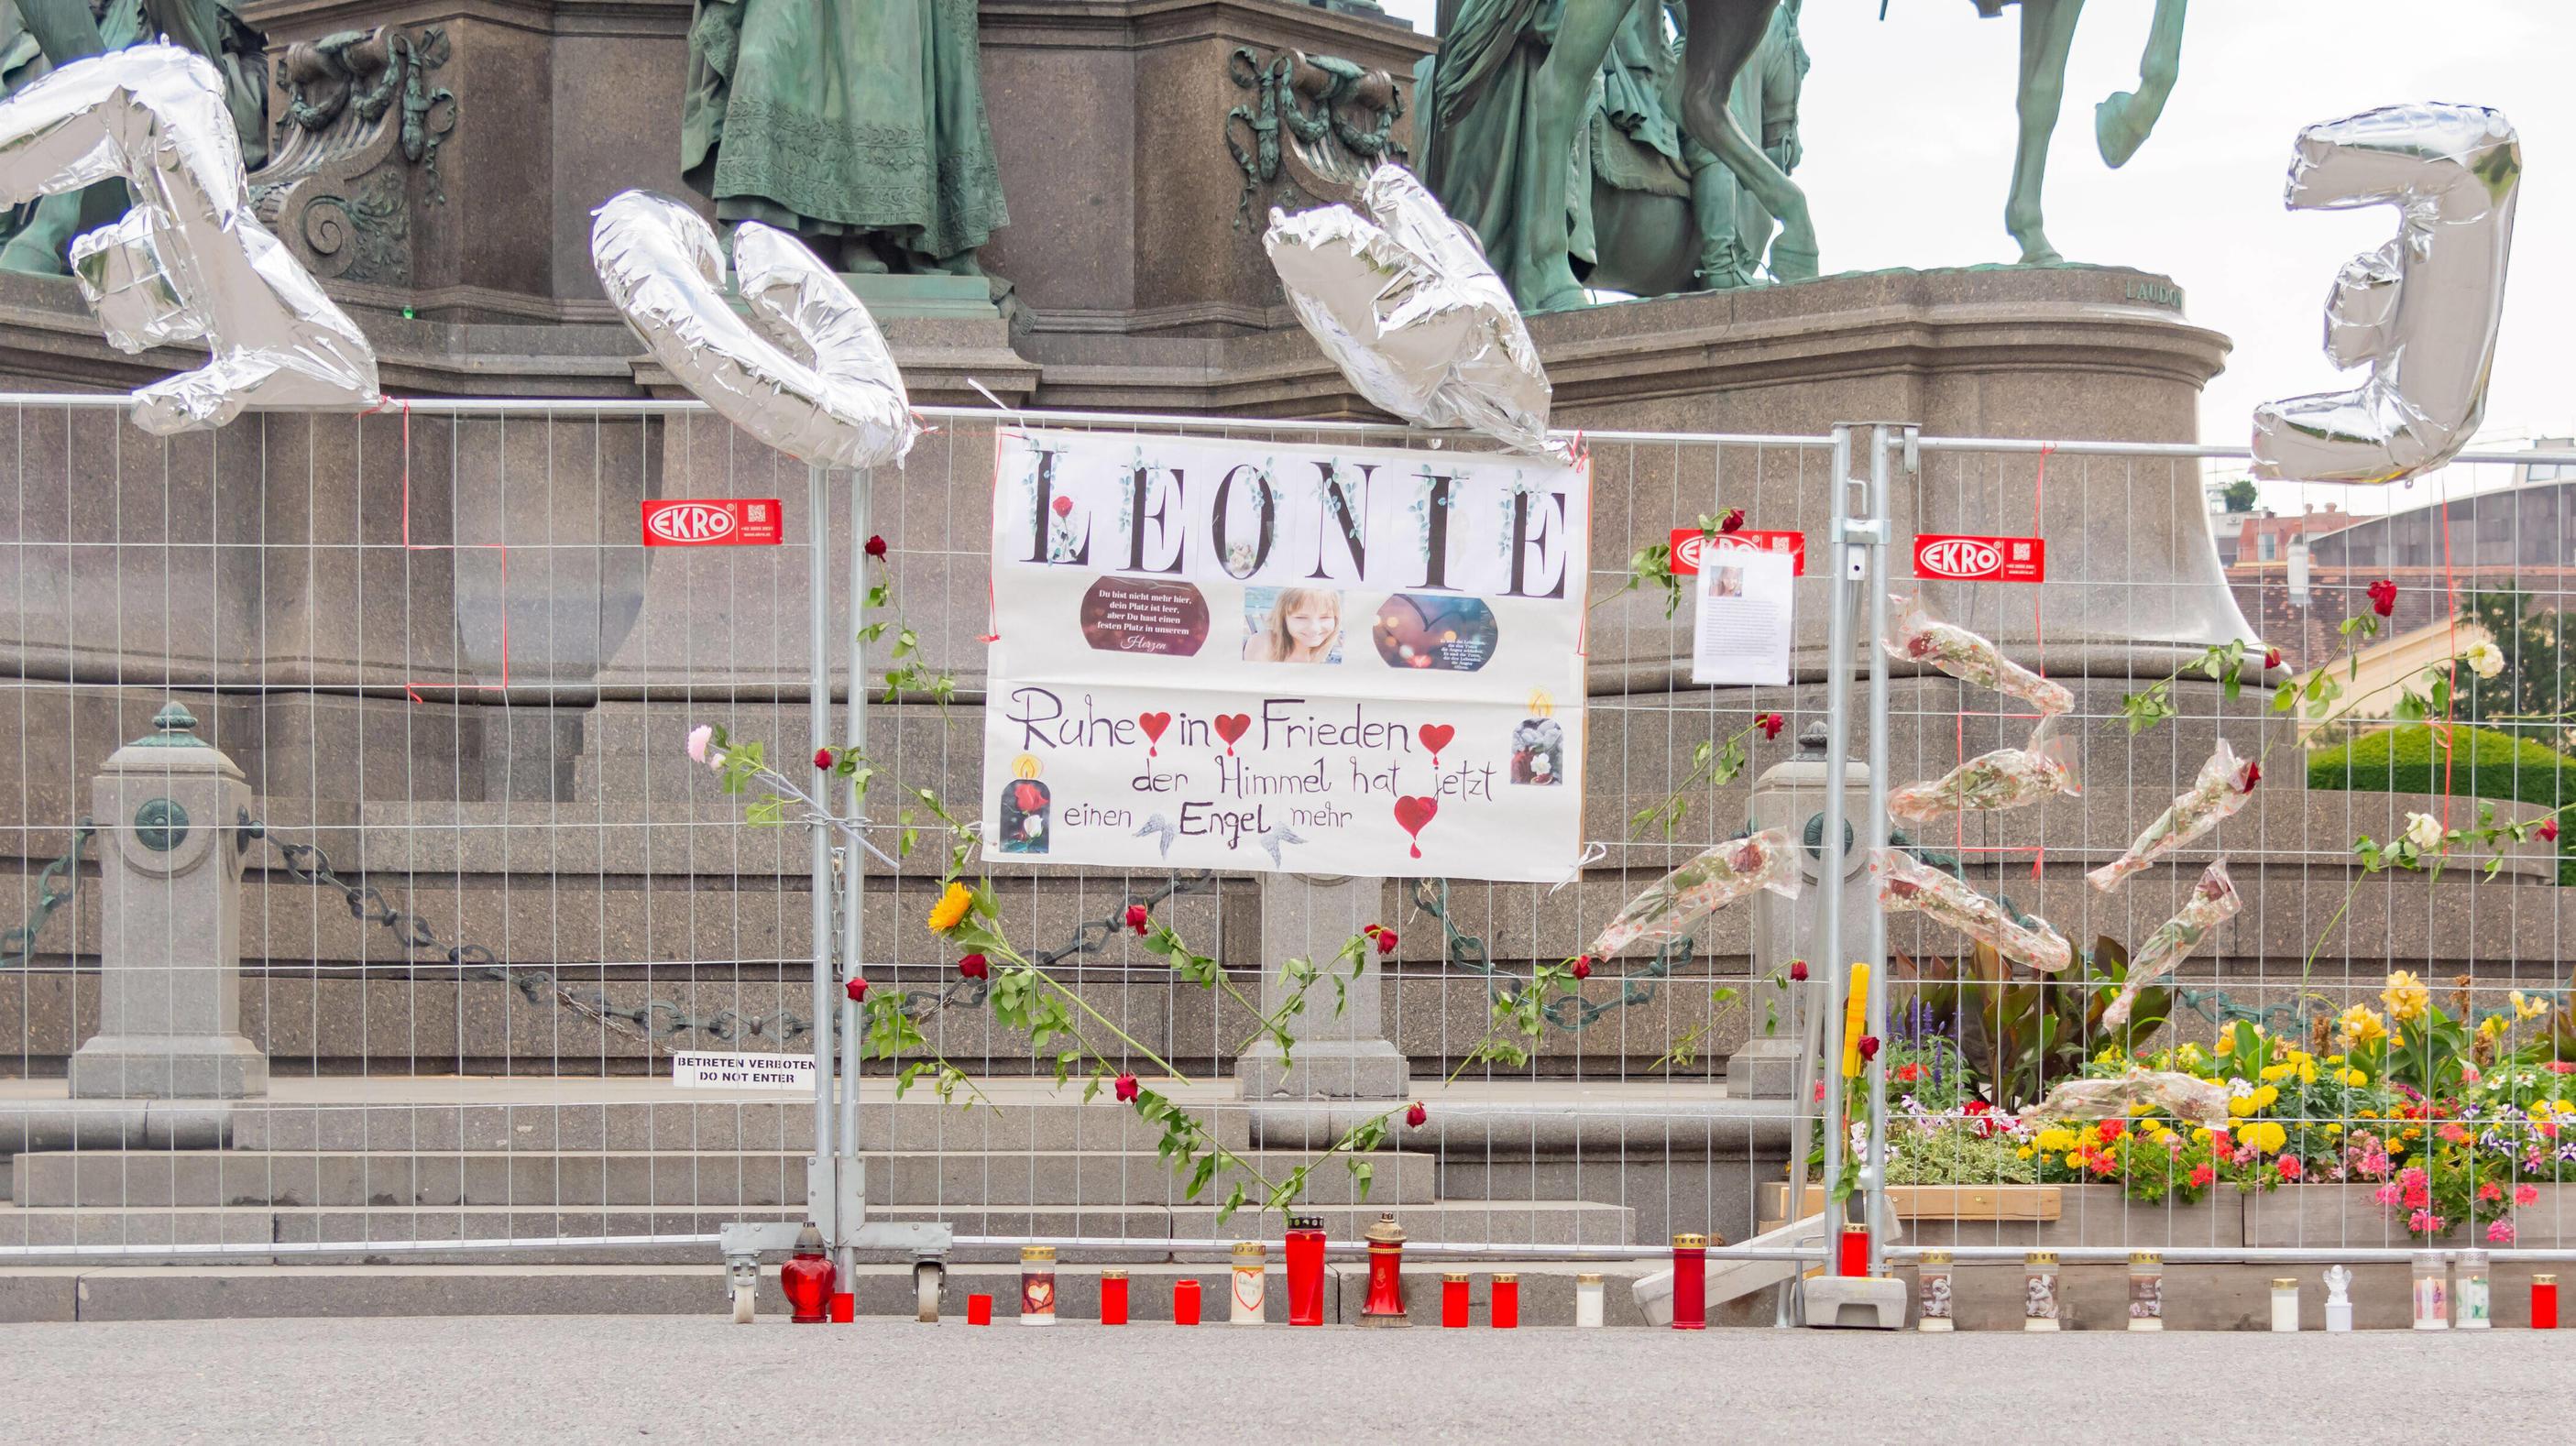 Fall Leonie (†13) aus Wien: Polizei fasst Verdächtigen (22) in Großbritannien